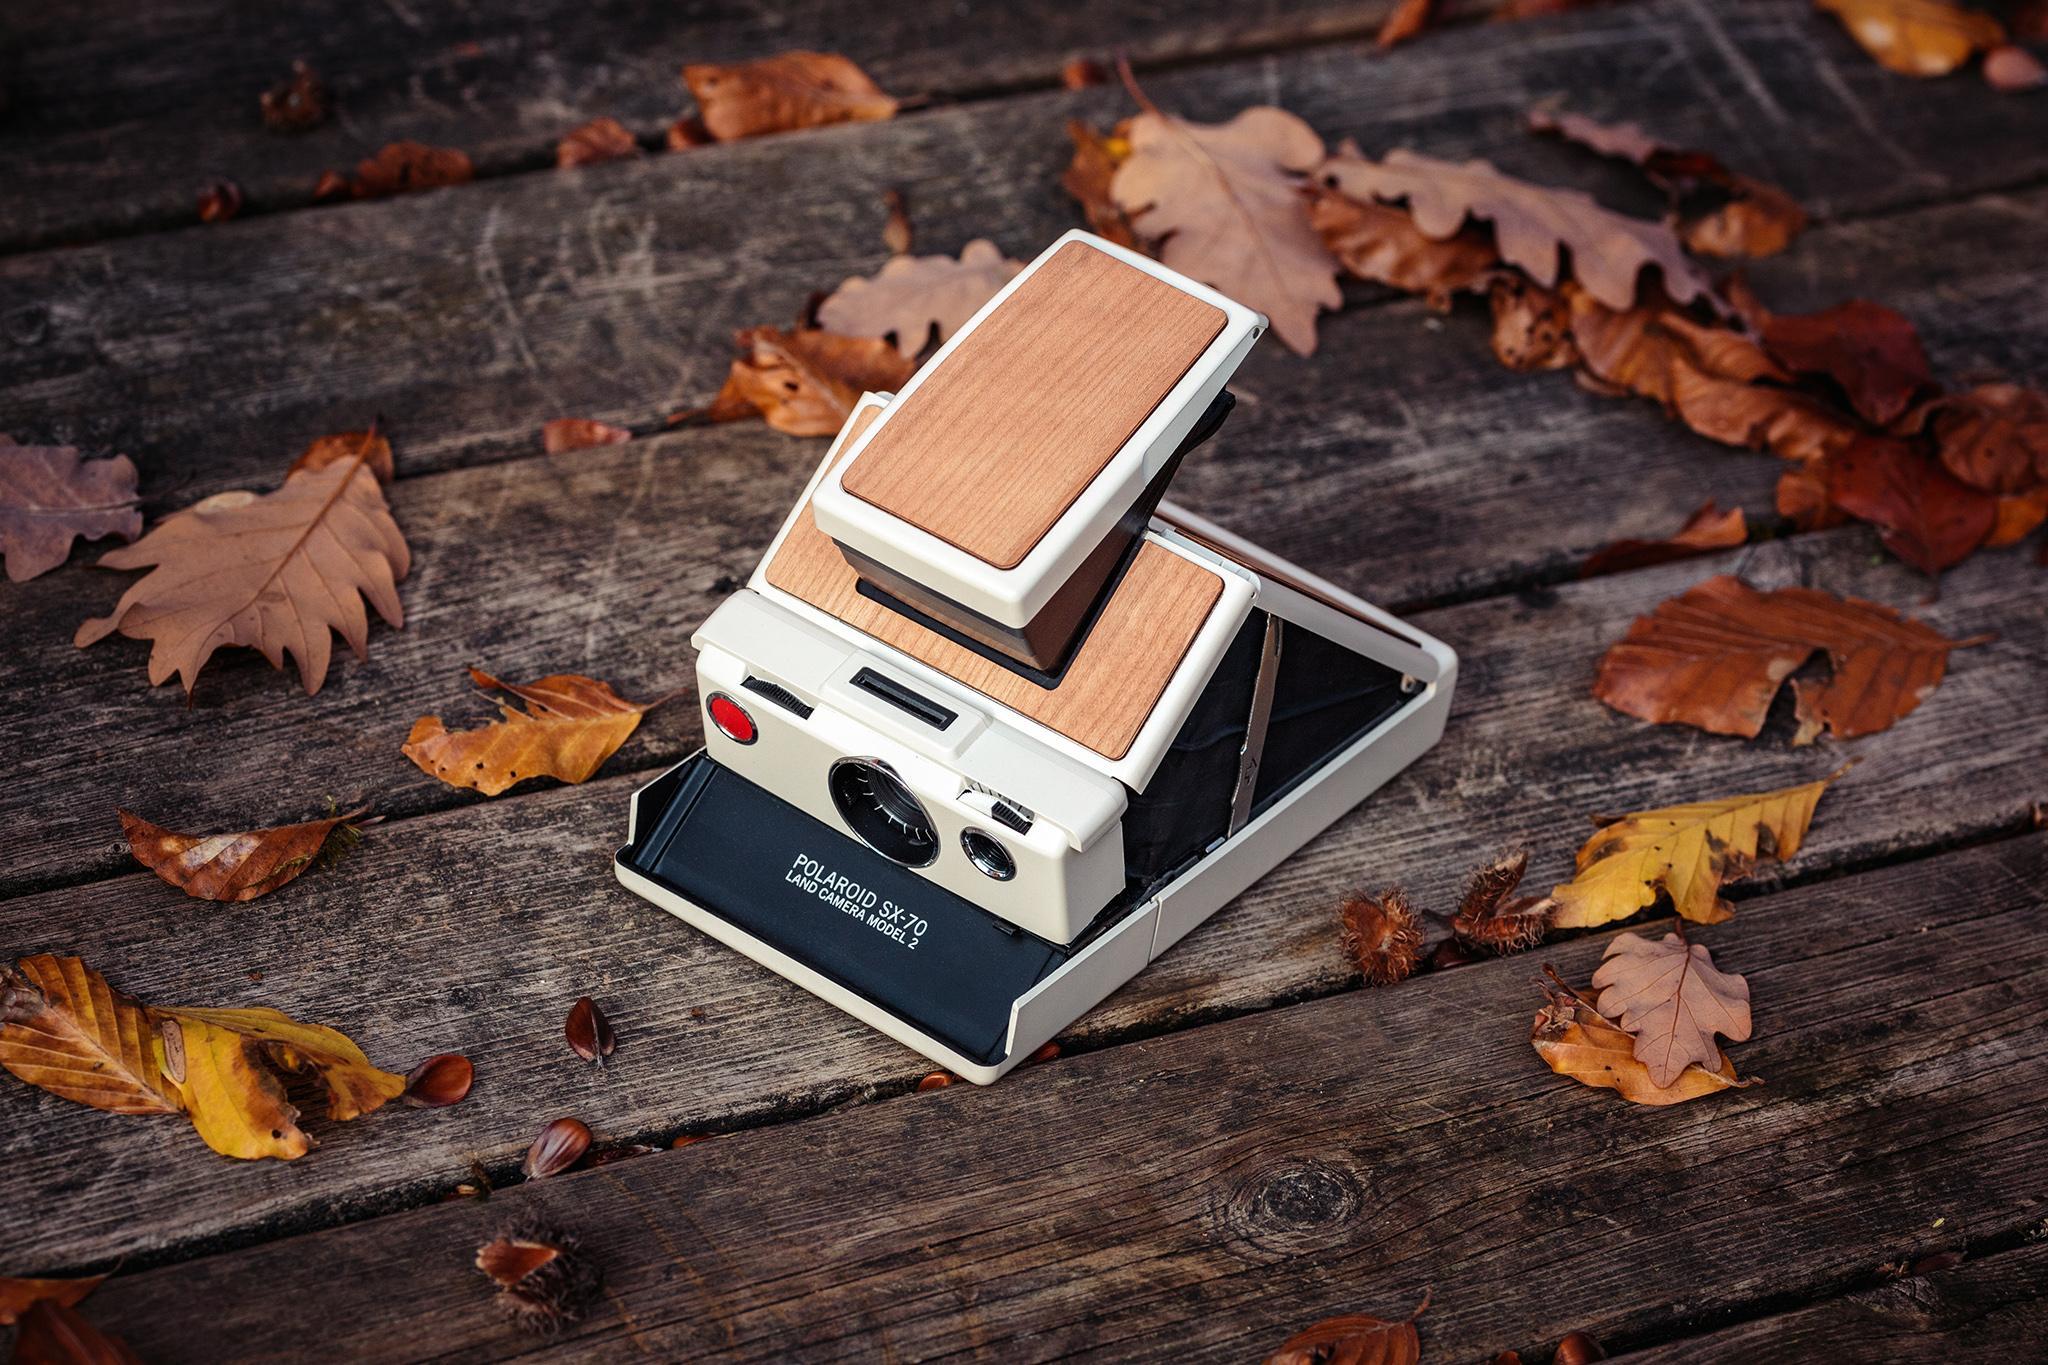 Polaroid Sx-70 Skin - Proteggi la tua Polaroid con le nostre preziose Skin in legno.